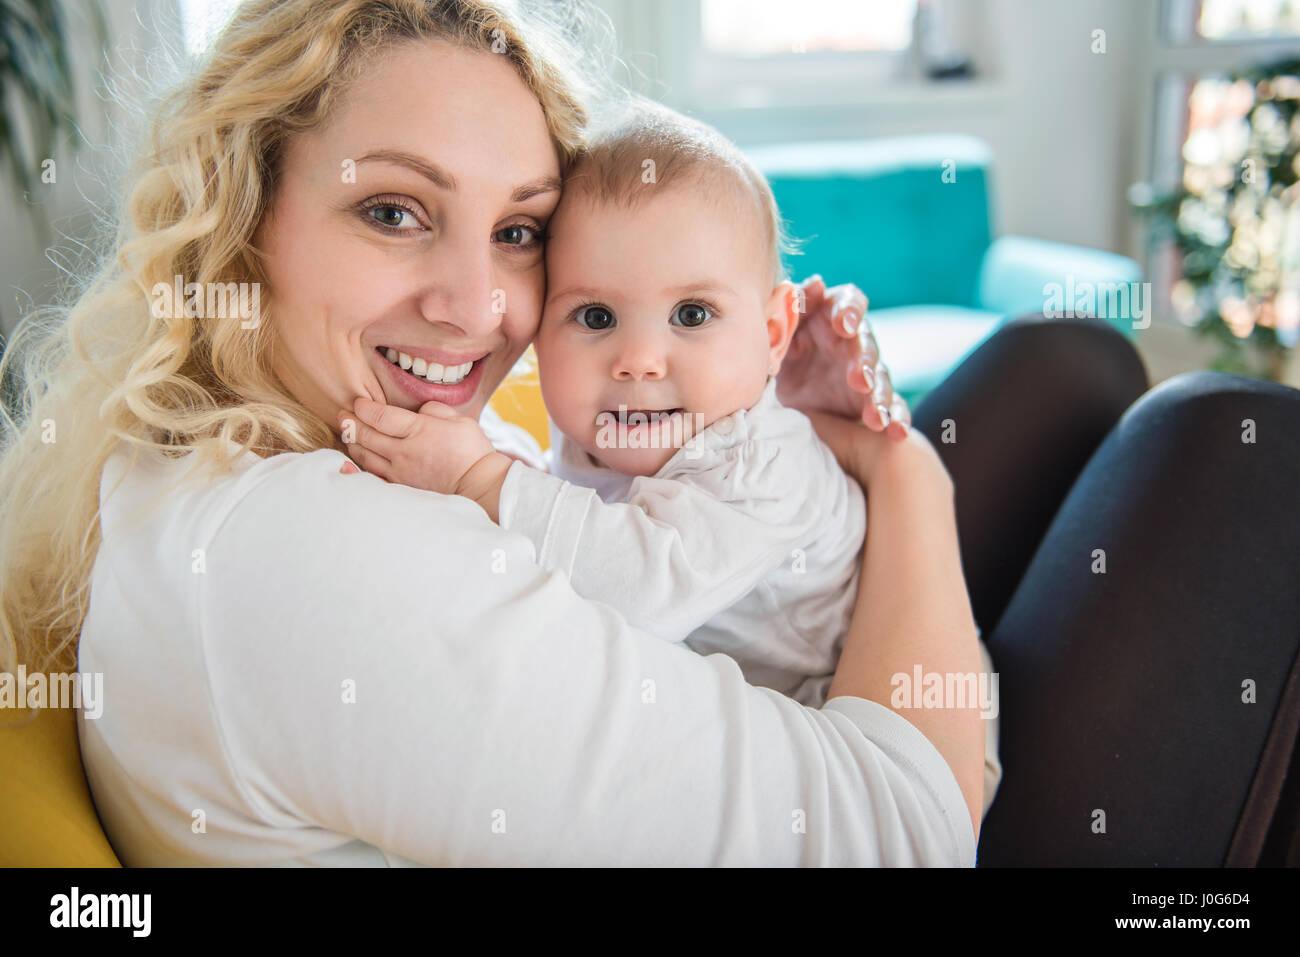 Mutter Baby im Arm halten und sitzen am gelben Sessel Stockbild